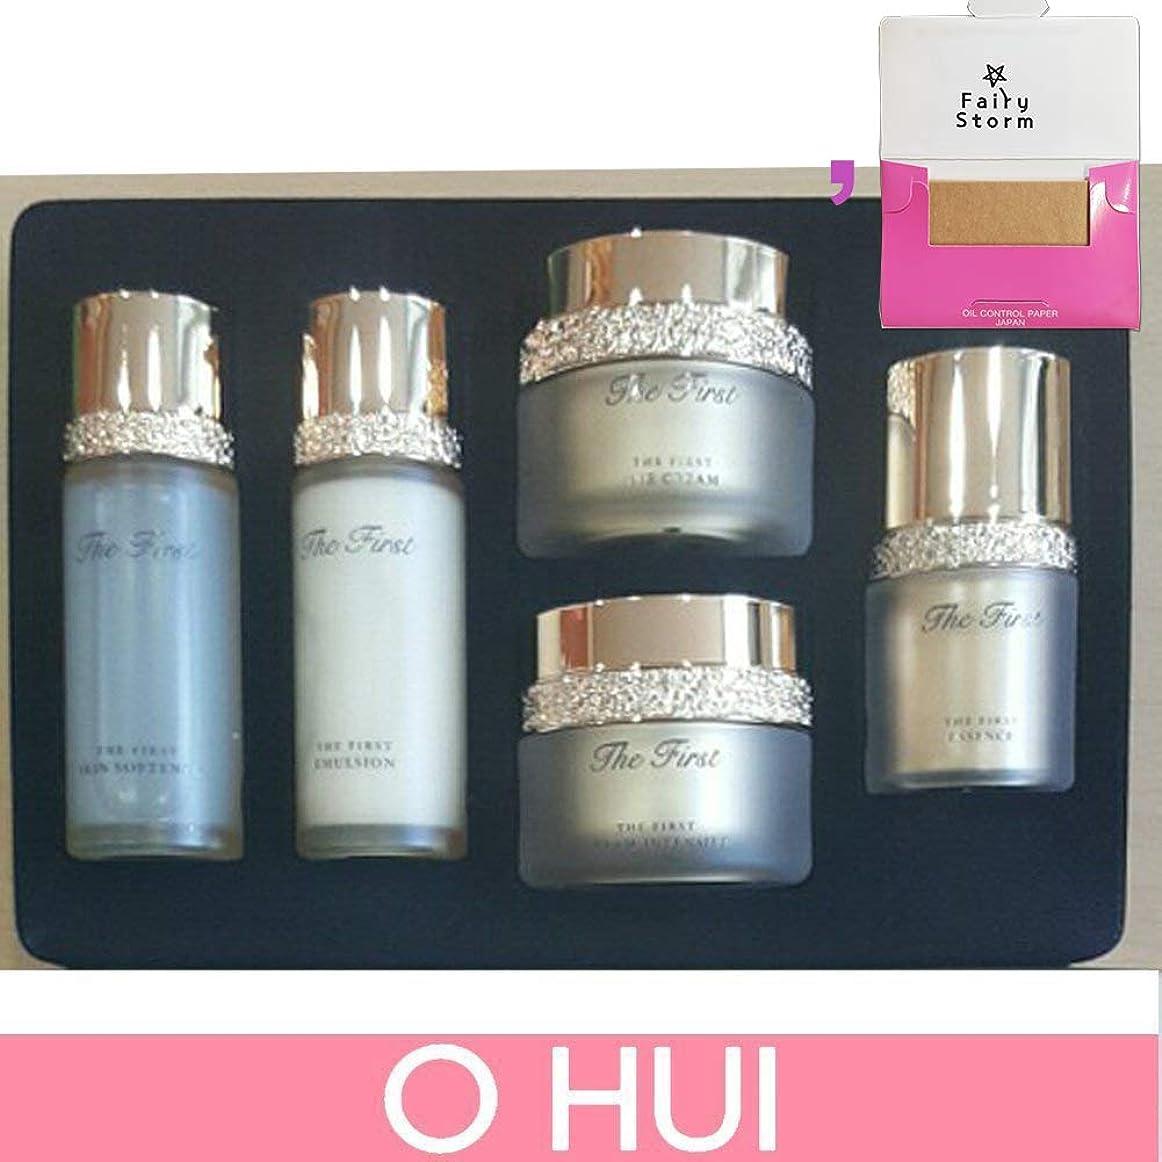 ガロン交通下向き[オフィ/O HUI]韓国化粧品 LG生活健康/OHUI the First Cell Revolution 5pcs Special Kit Set + [Sample Gift](海外直送品)